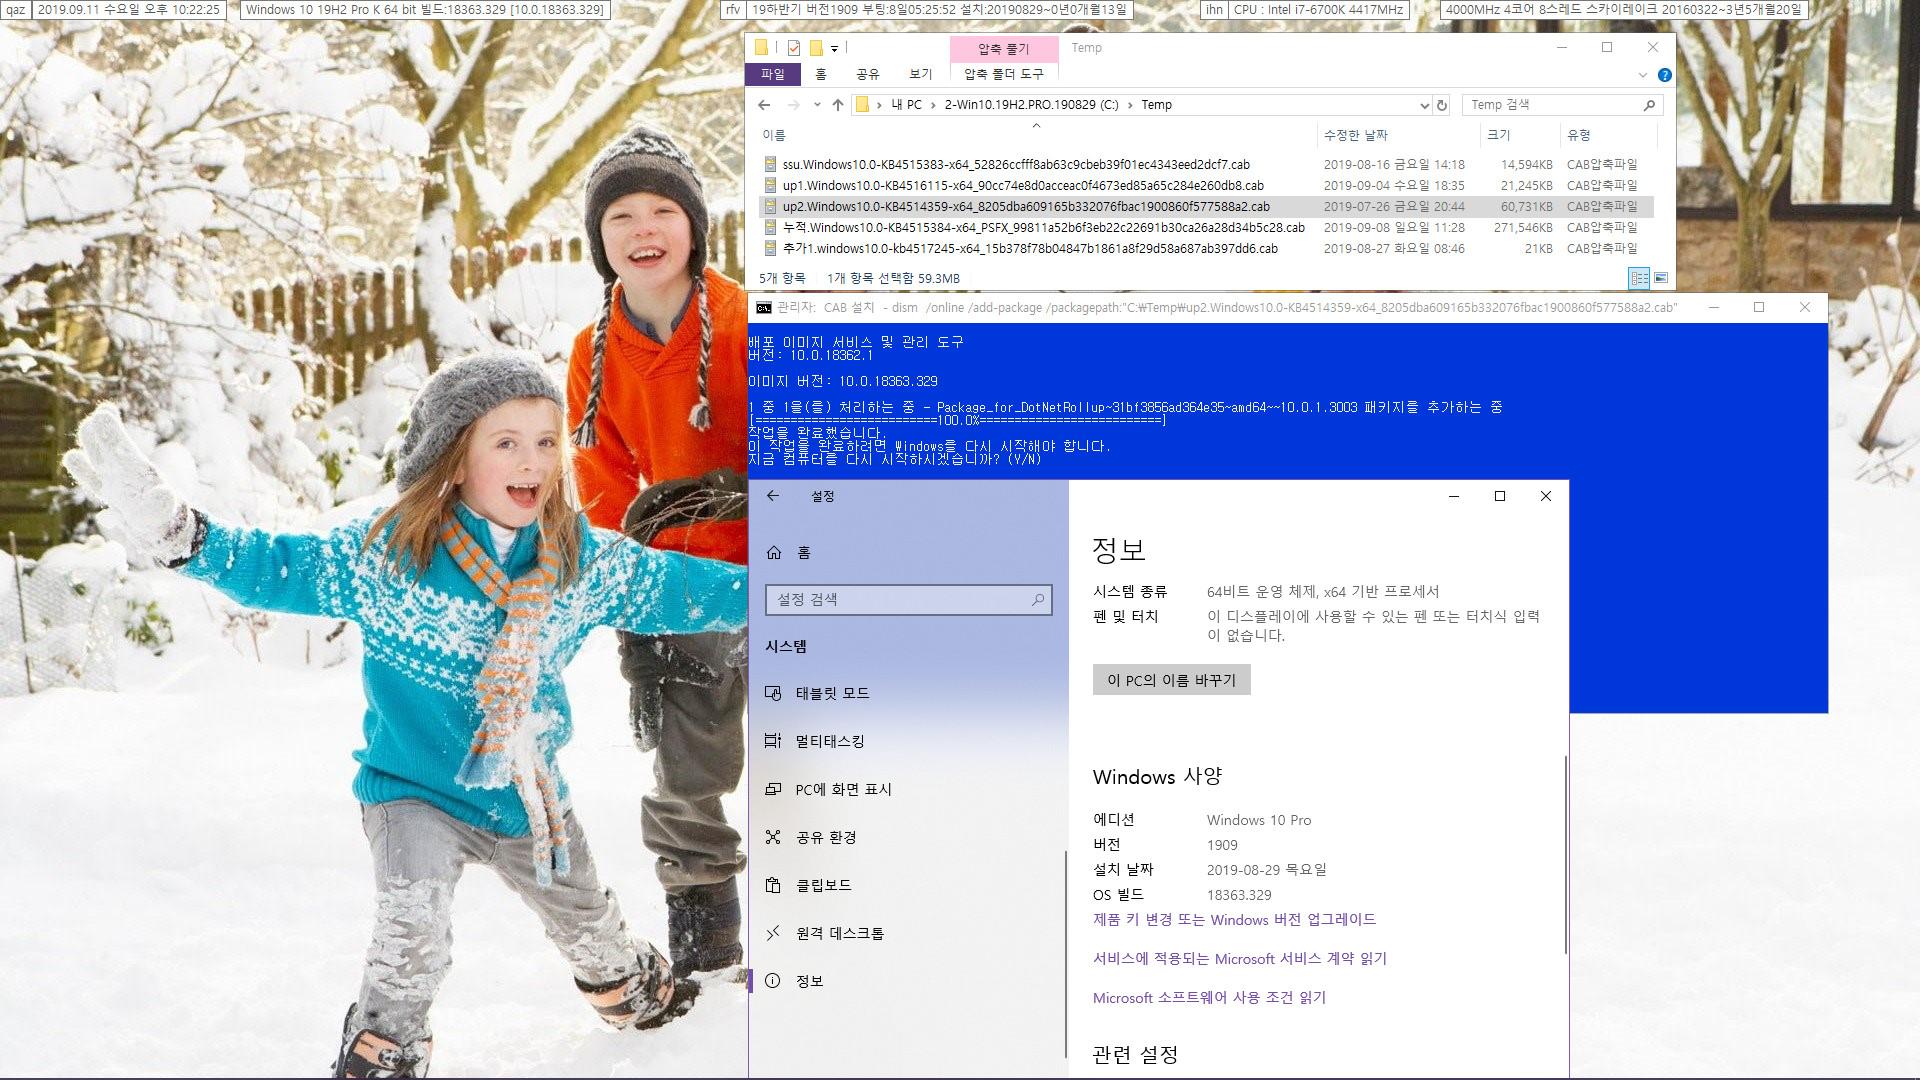 2019년 9월 11일 수요일 정기 업데이트 - Windows 10 버전 1909 누적 업데이트 KB4515384 (OS 빌드 18363.356) [2019-09-10 일자] 릴리스 프리뷰 - 실컴에 설치합니다 - 업데이트 파일들은 마지막 1개만 제외하고, 버전 1903 정식 버전과 같습니다 2019-09-11_222226.jpg